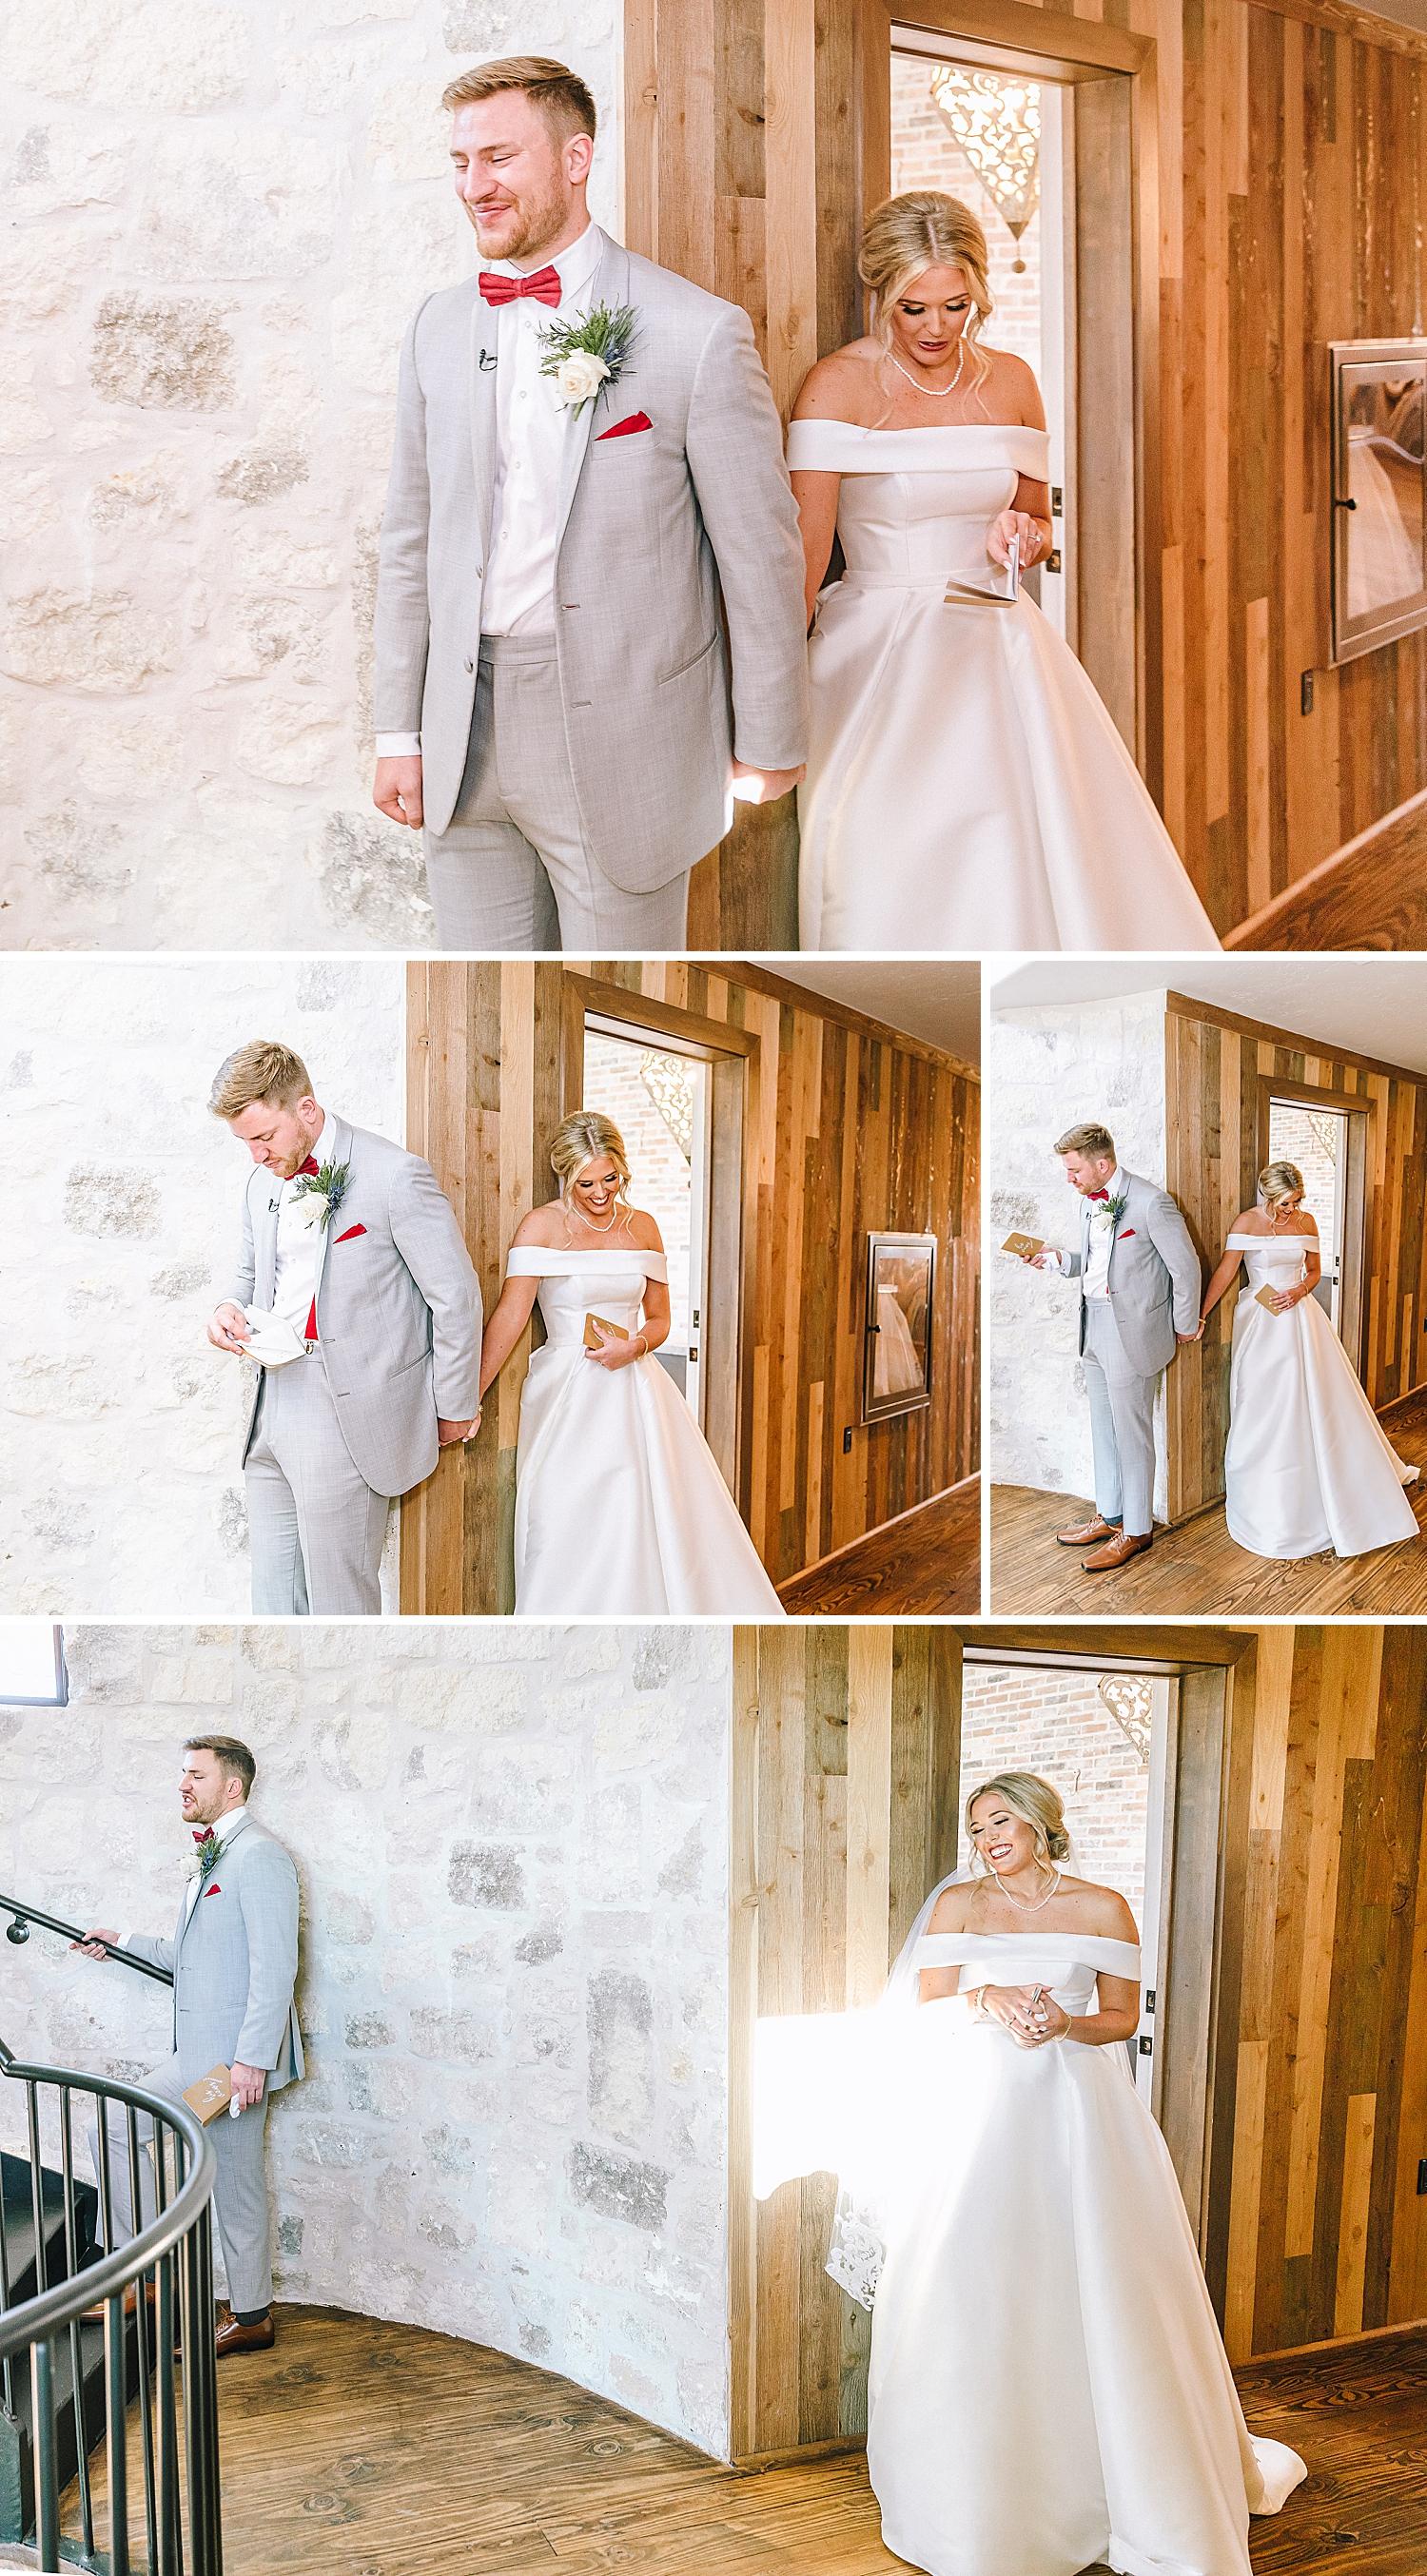 College-Station-Aggie-Wedding-The-Weinberg-at-Wixon-Valley-Christmas-Hallmark-Wedding_0080.jpg